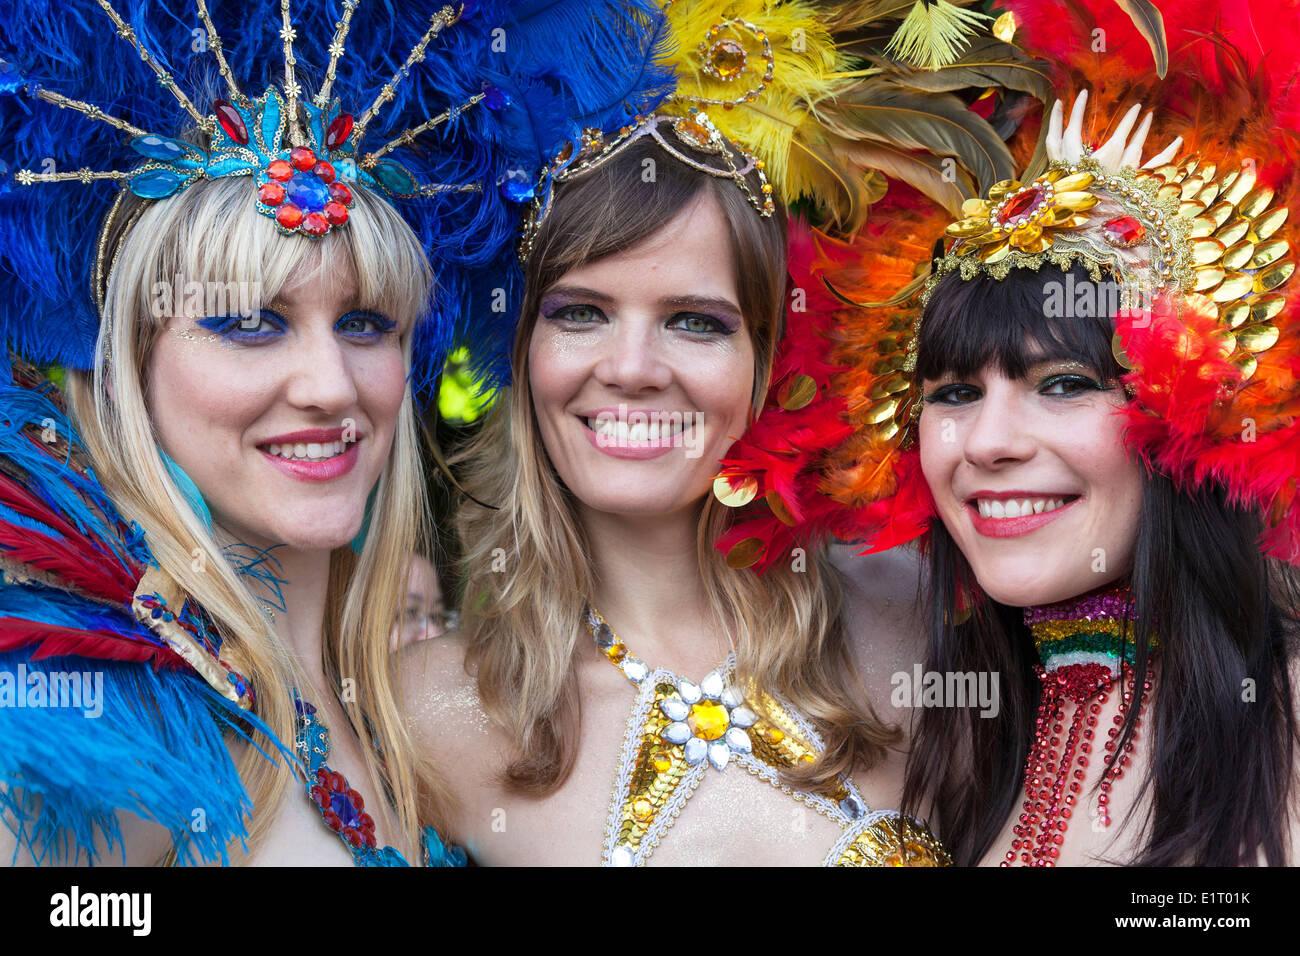 Drei Frauen Gekleidet In Brasilianischen Karneval Kostume Die